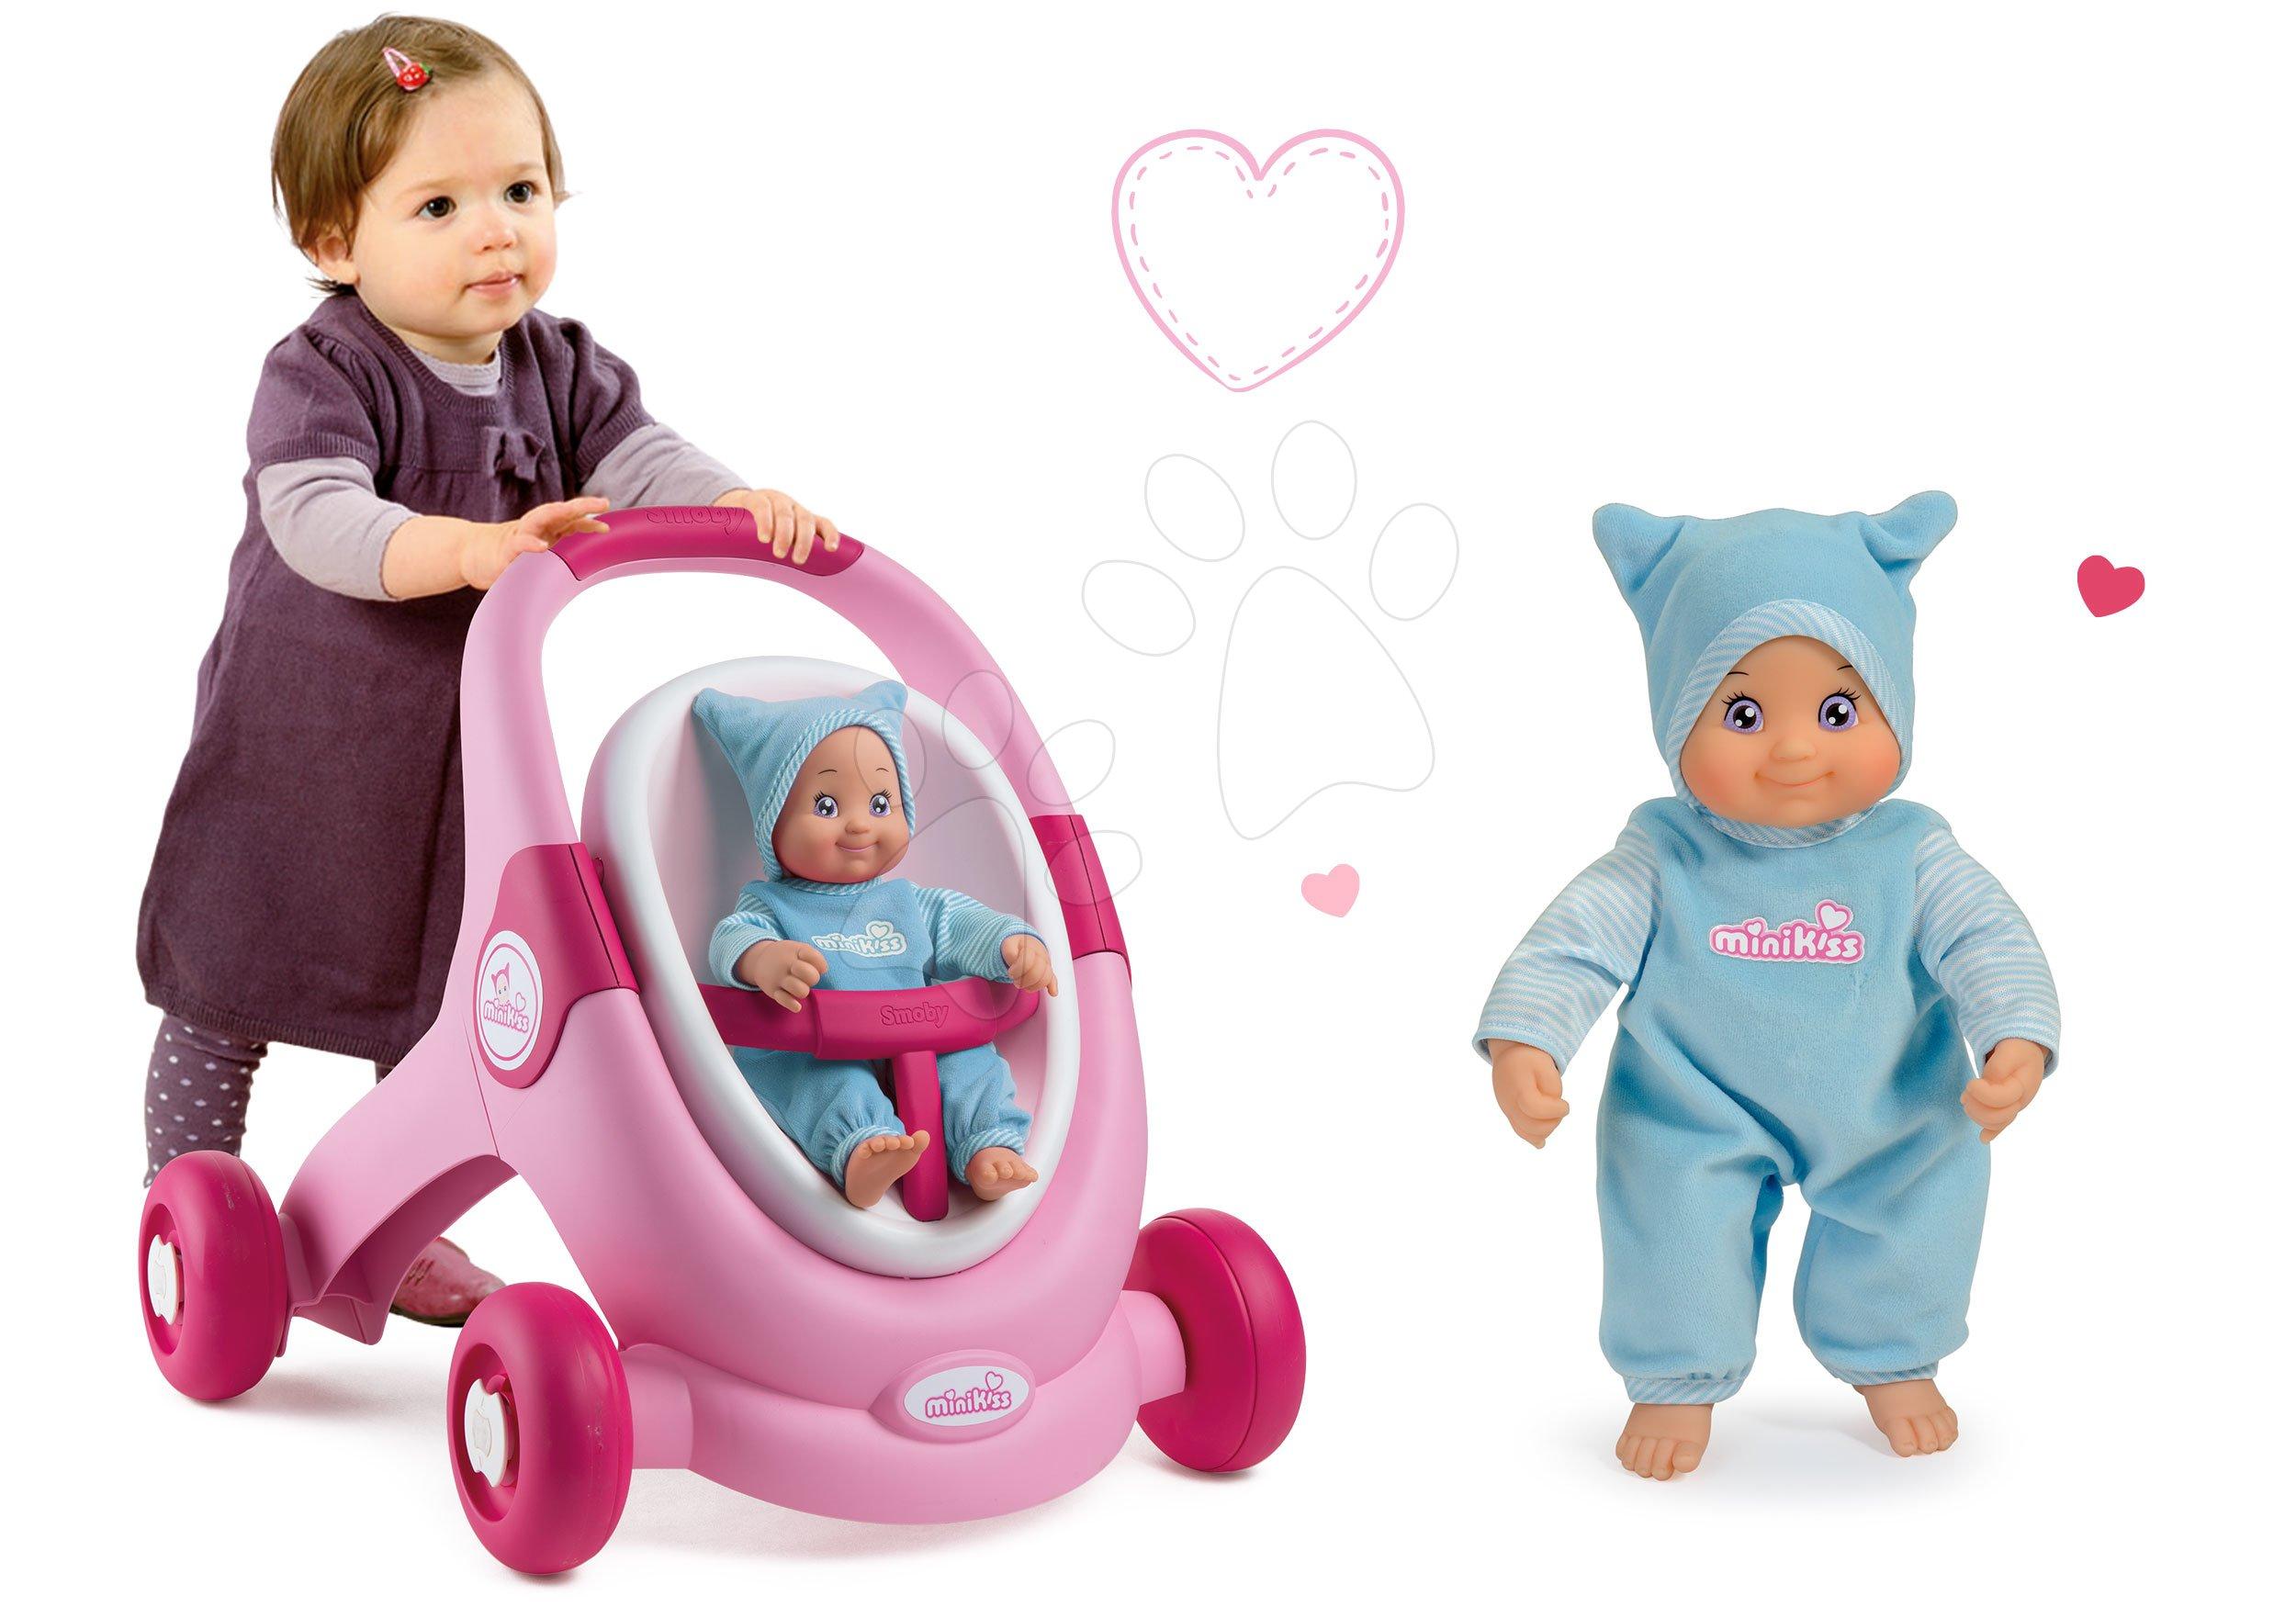 Kočárky pro panenky od 12 měsíců - Set chodítko a kočárek pro panenku 3v1 MiniKiss Smoby a panenka se zvukem MiniKiss v čepičce 27 cm od 12 měs